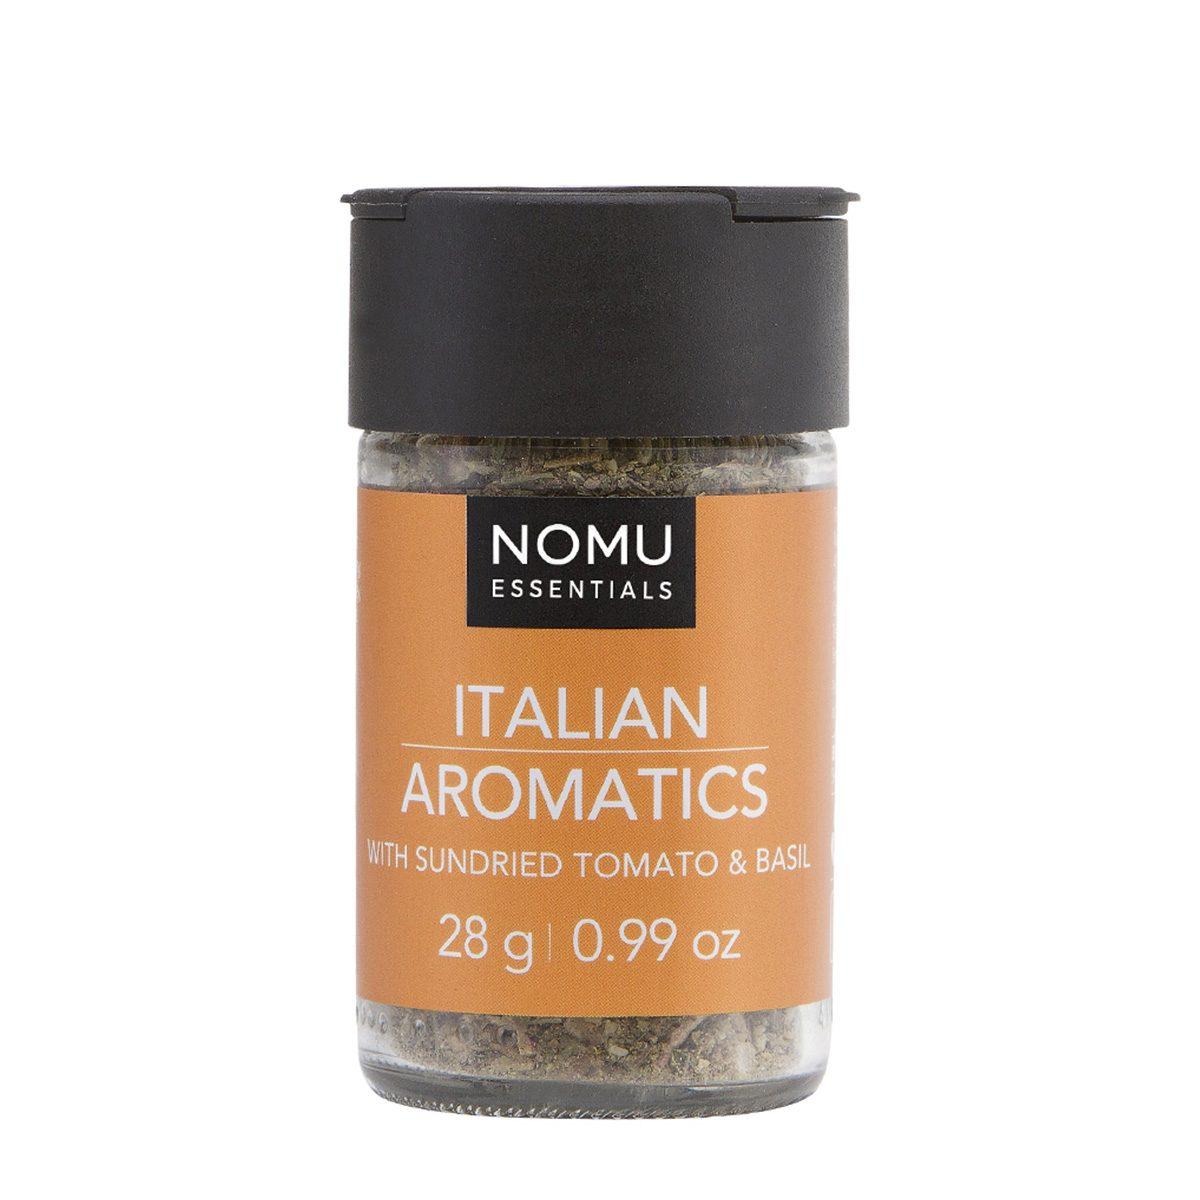 Italian-Aromatics